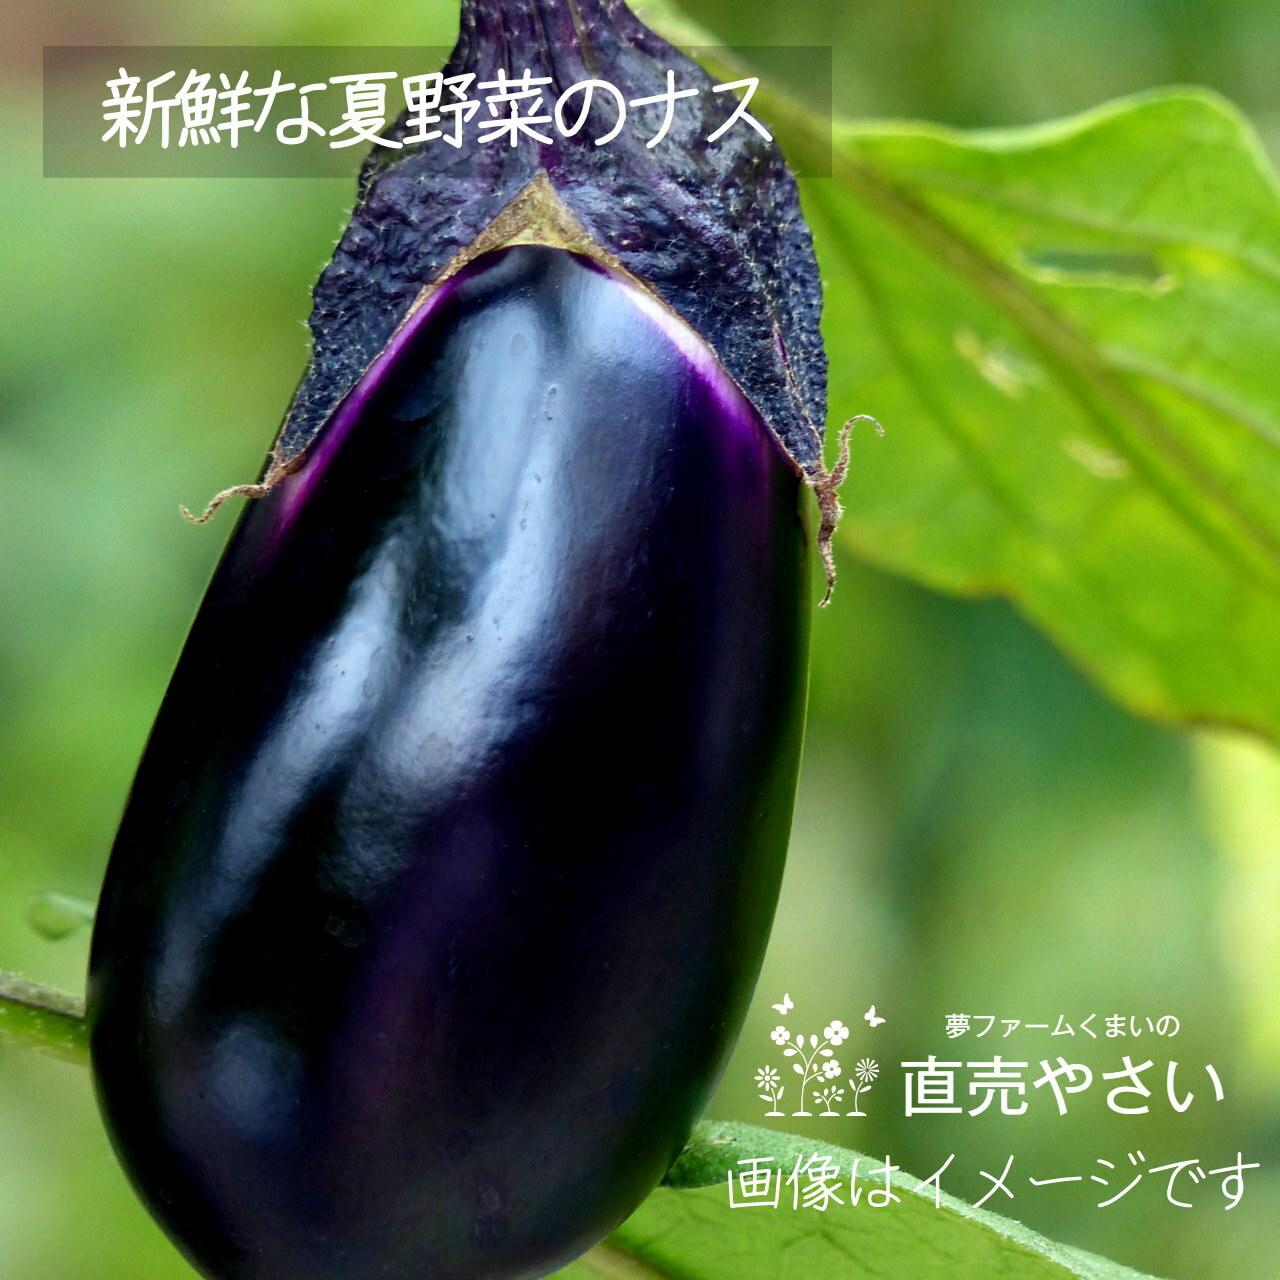 6月の新鮮野菜 : ナス 約350g 朝採り直売野菜 6月27日発送予定